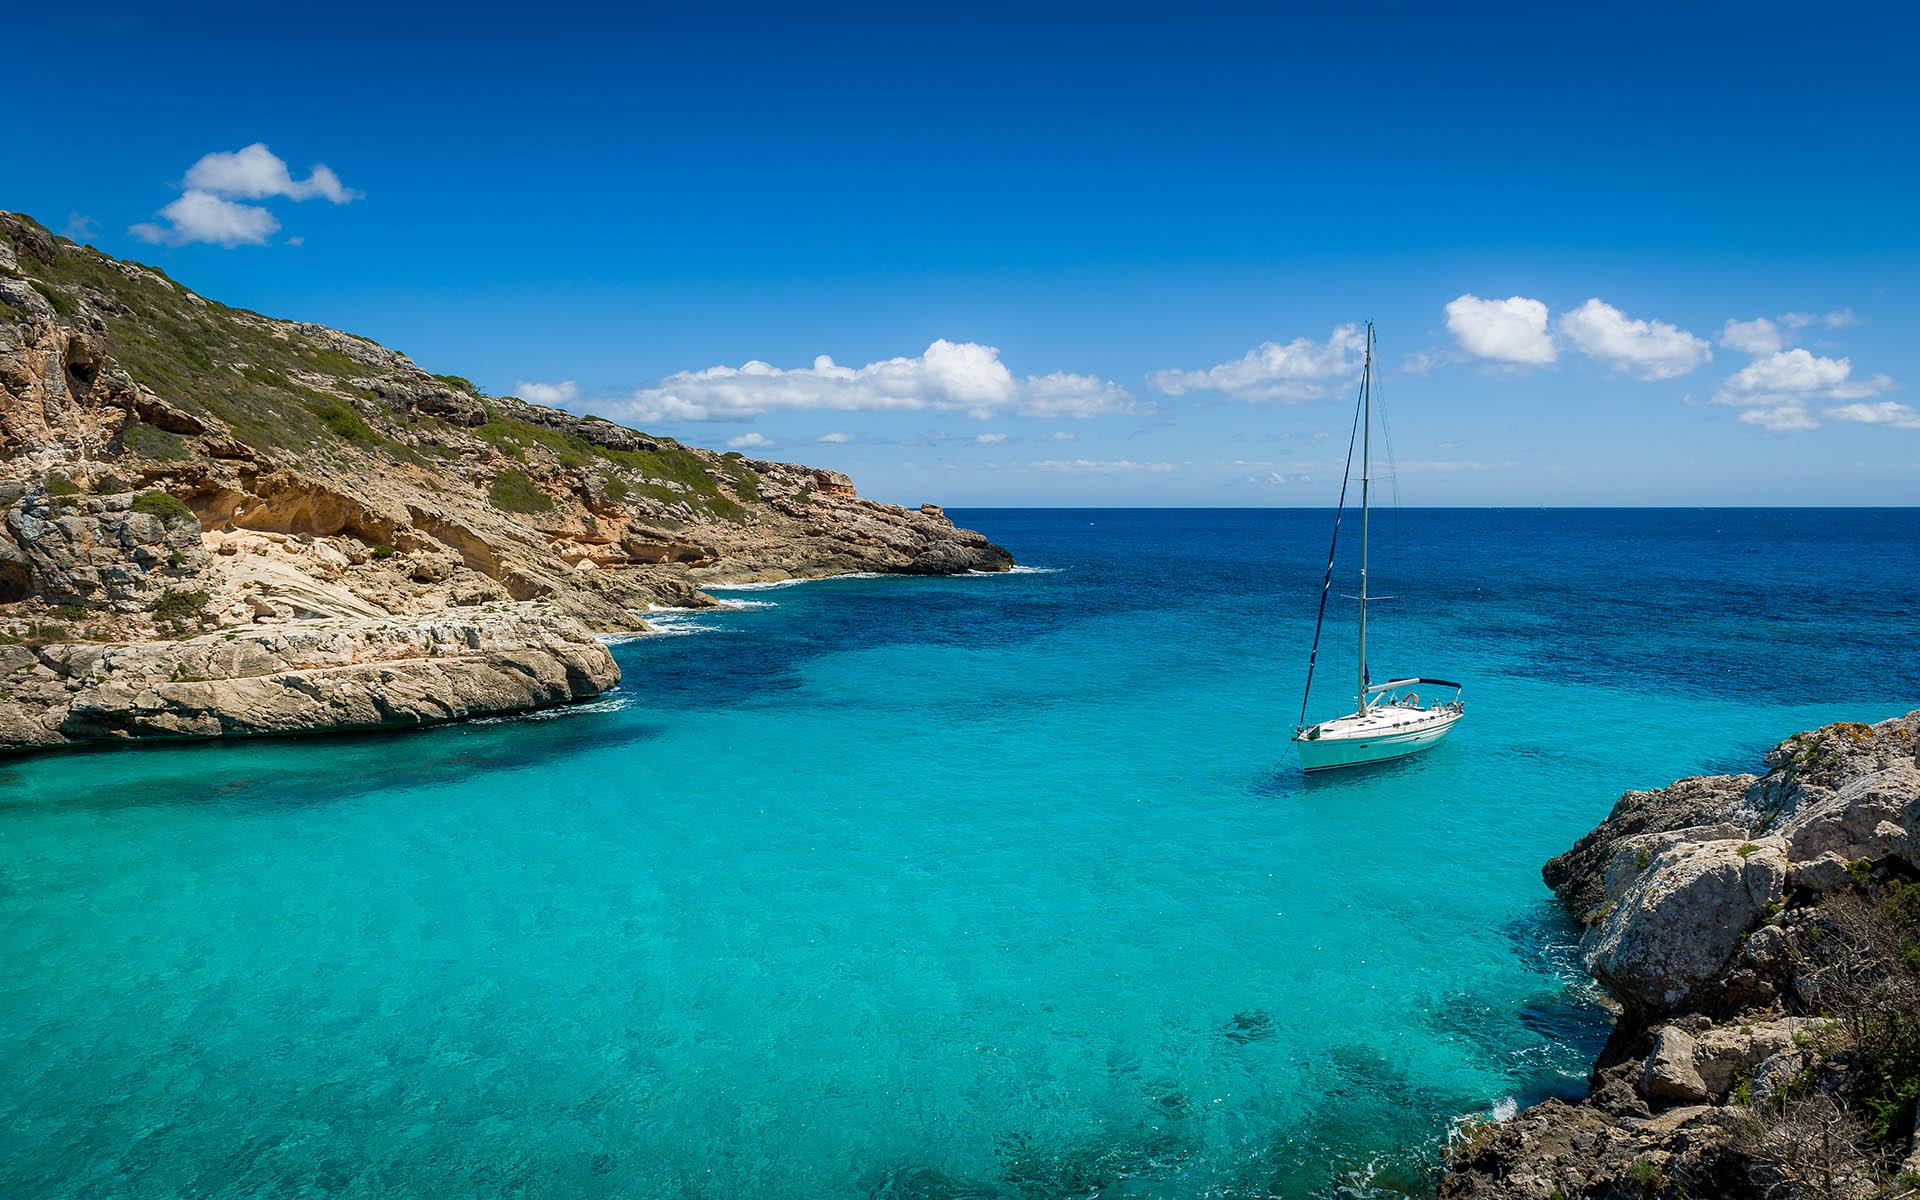 ¿Quieres descubrir las mejores terrazas y miradores sobre el mar?